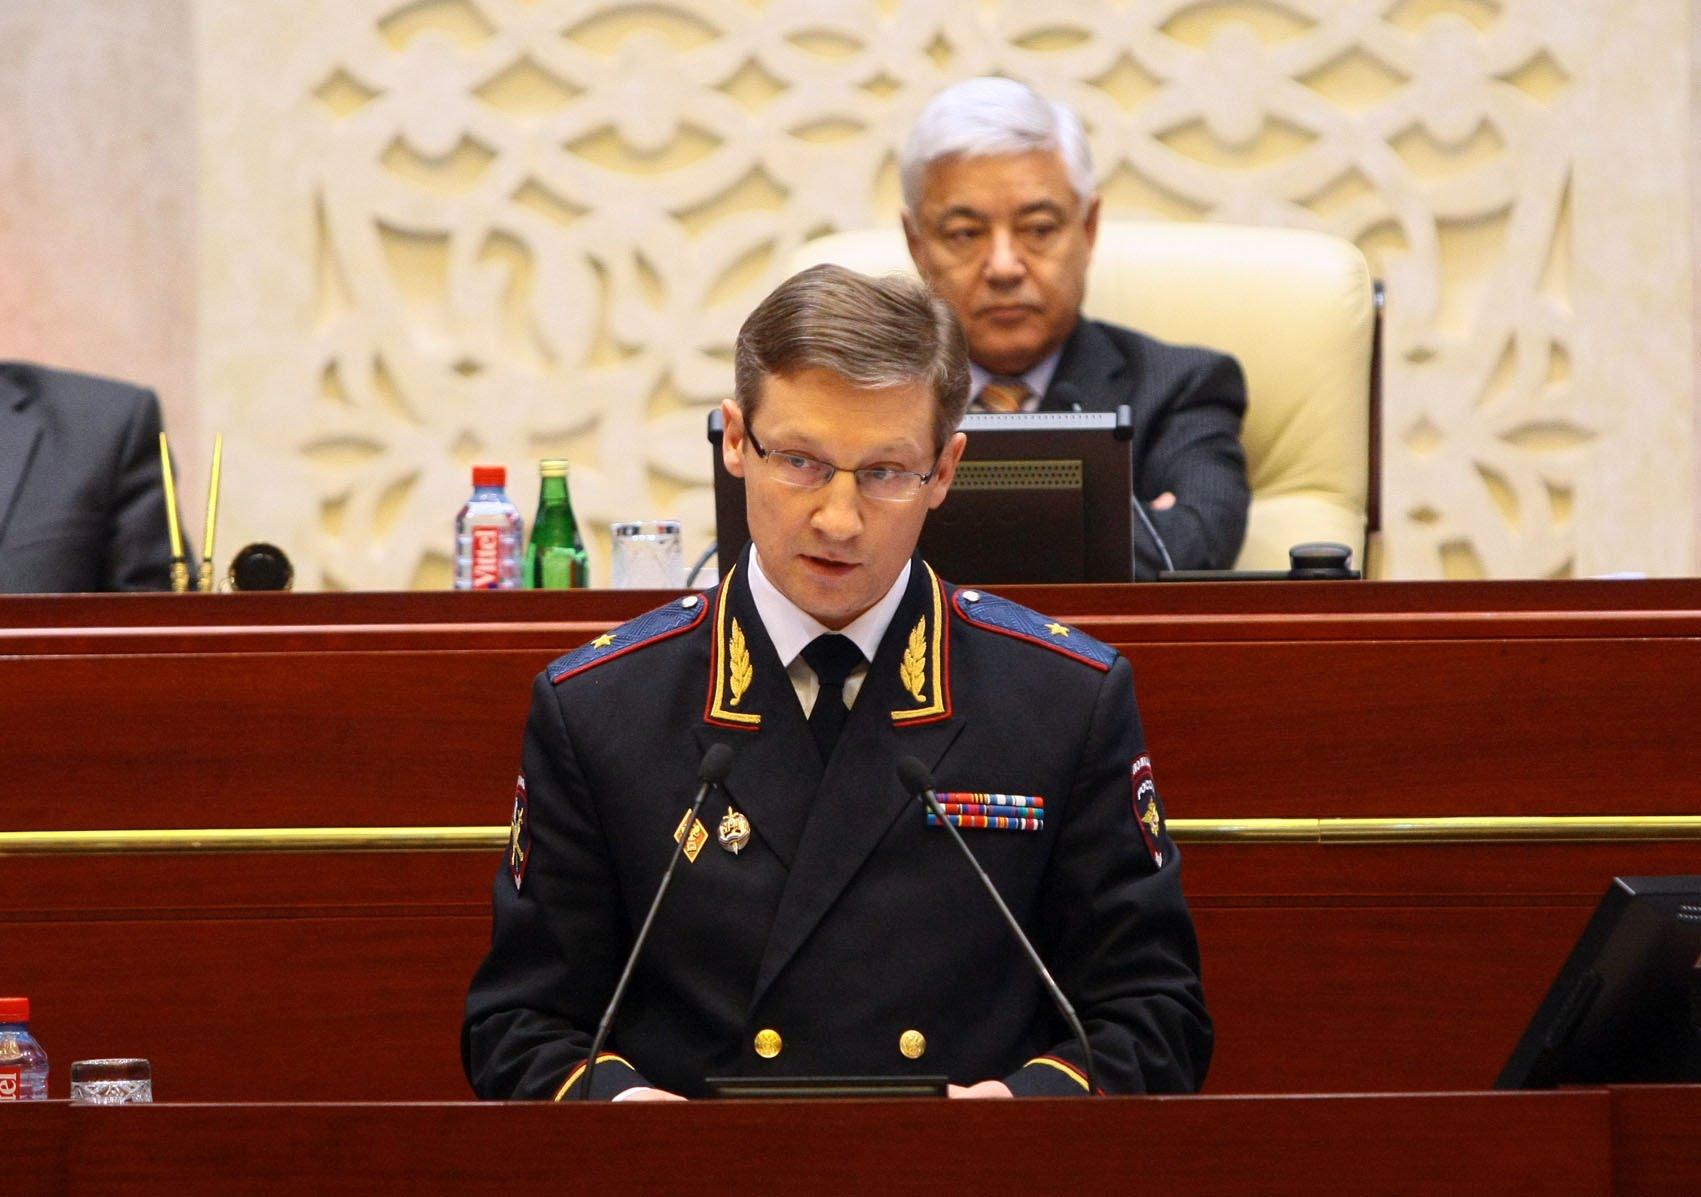 Возврата в девяностые небудет, ОПГ под контролем— руководитель МВД Татарстана